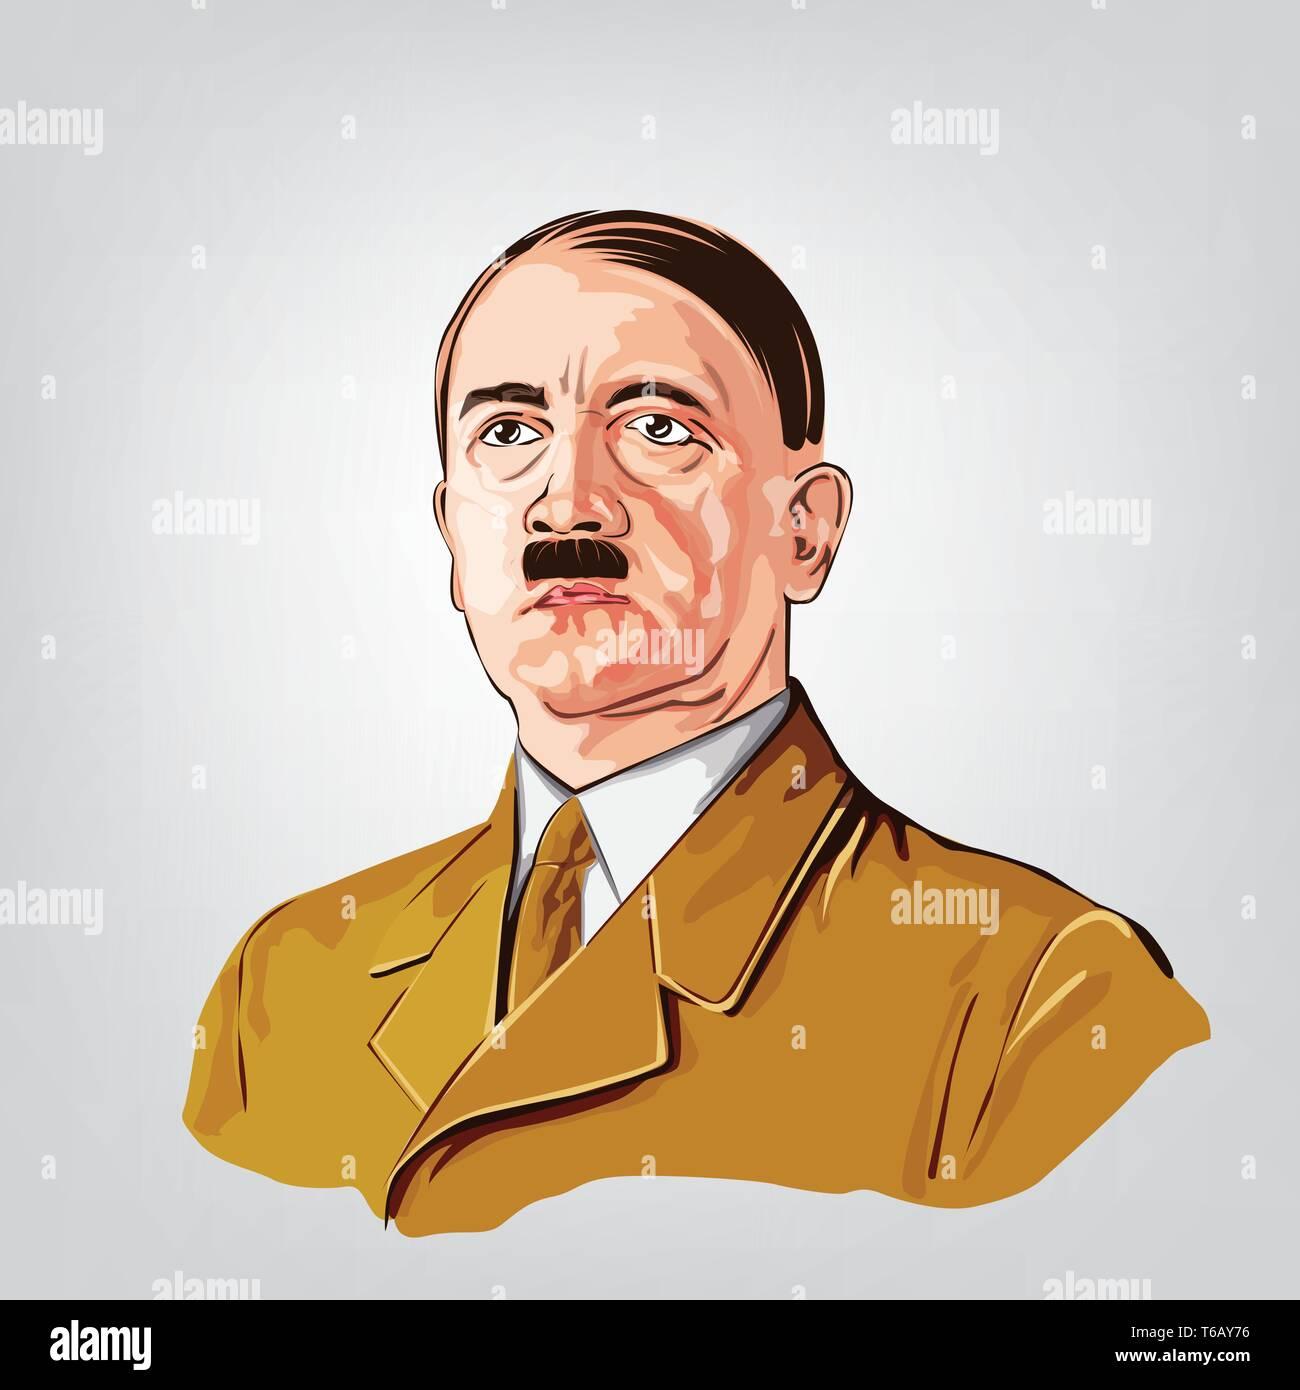 Adolf Hitler simplified vector. - Stock Vector